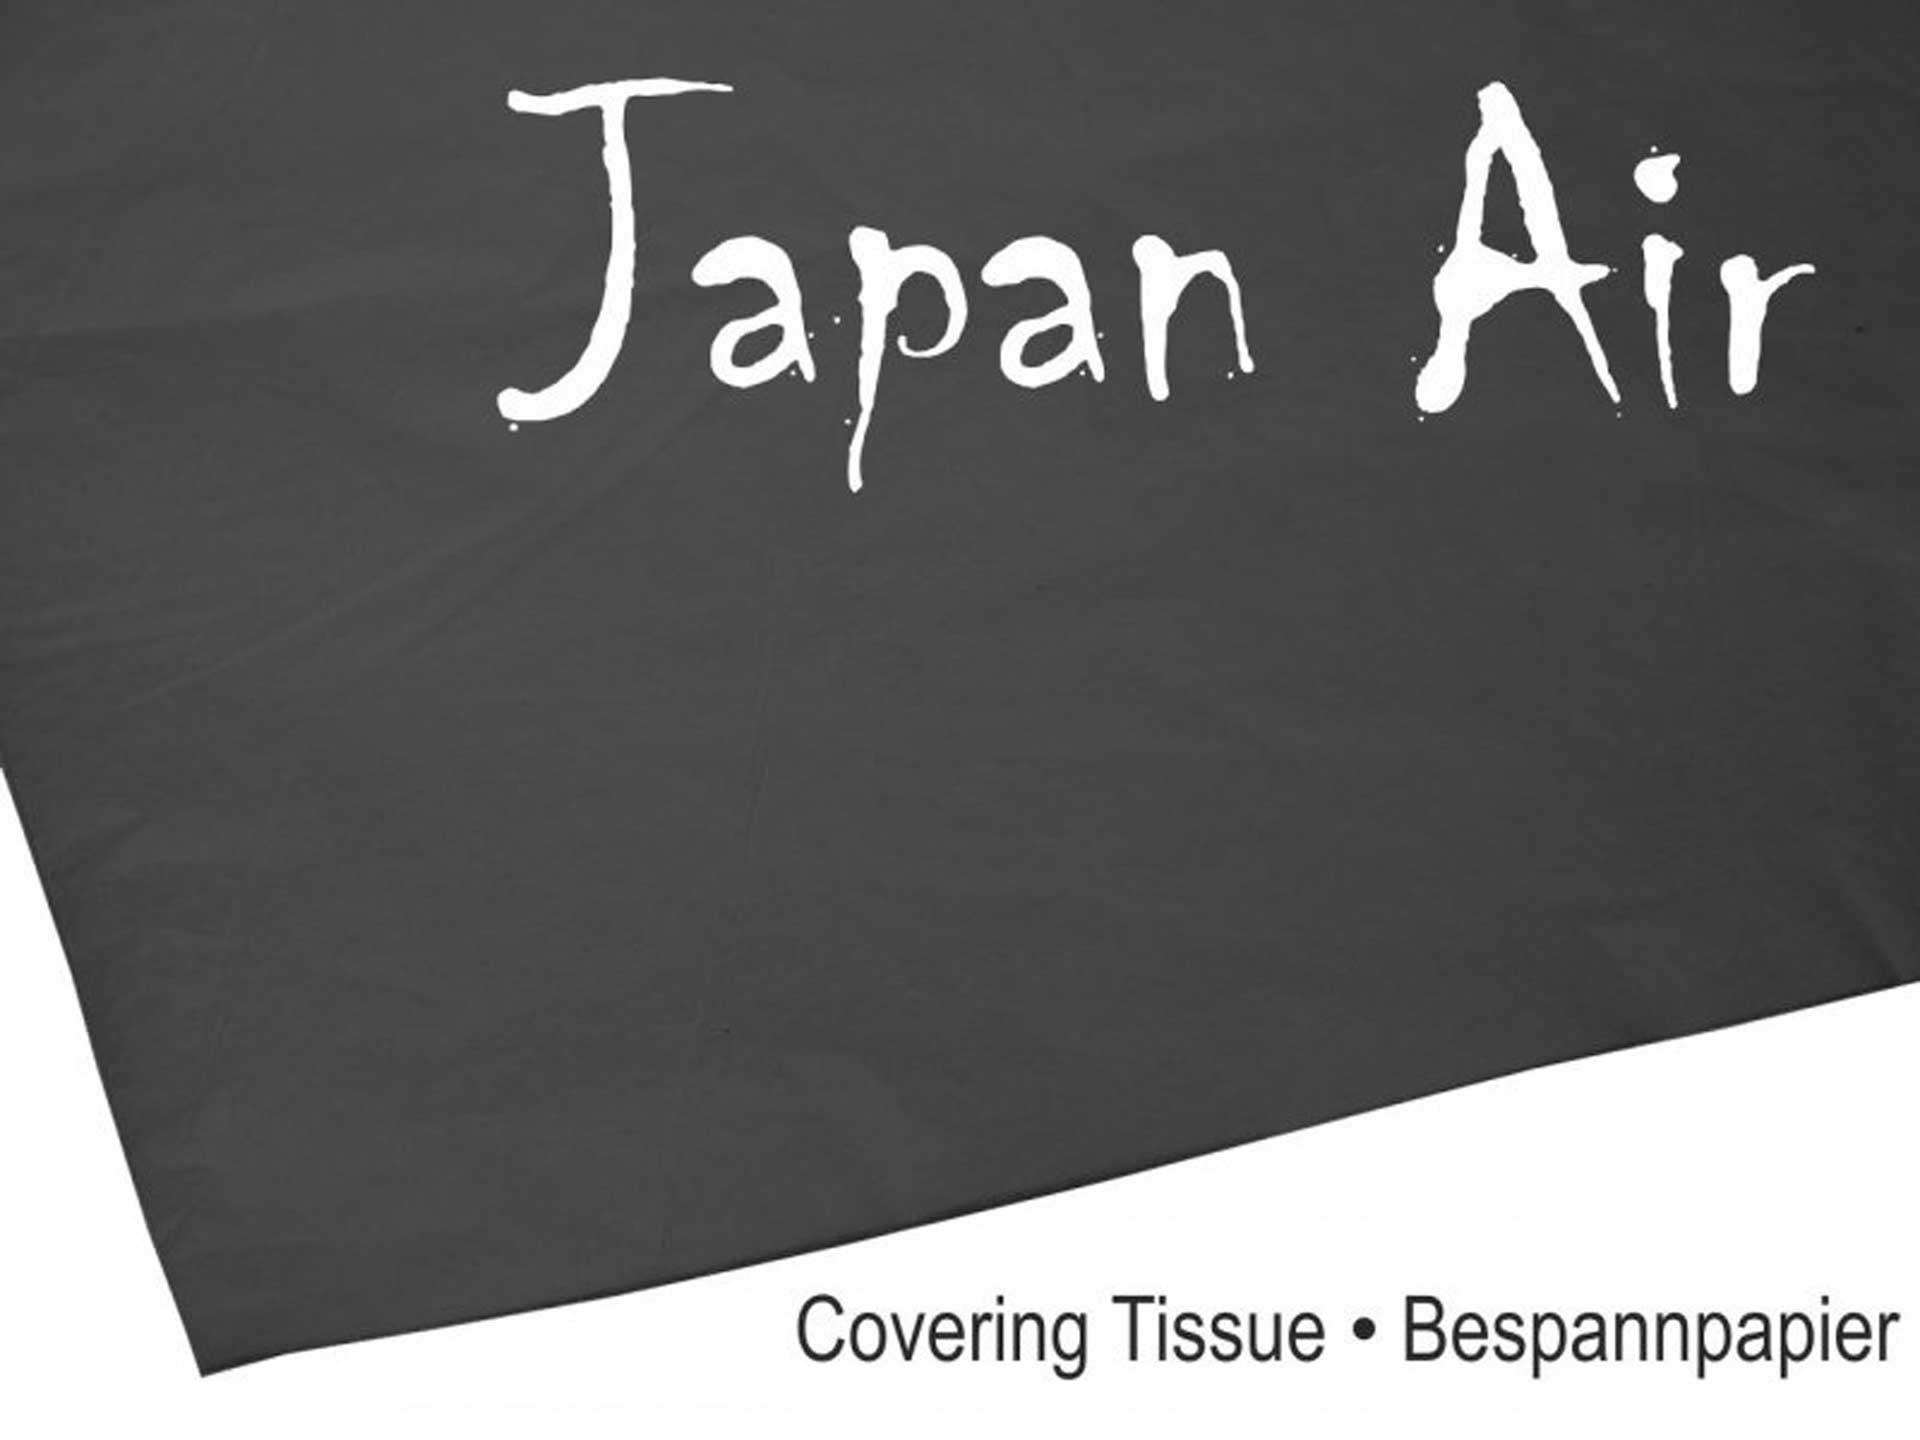 MODELLBAU LINDINGER JAPAN AIR Bespannpapier 16g schwarz 500 x 750 mm 10Stk. gerollt